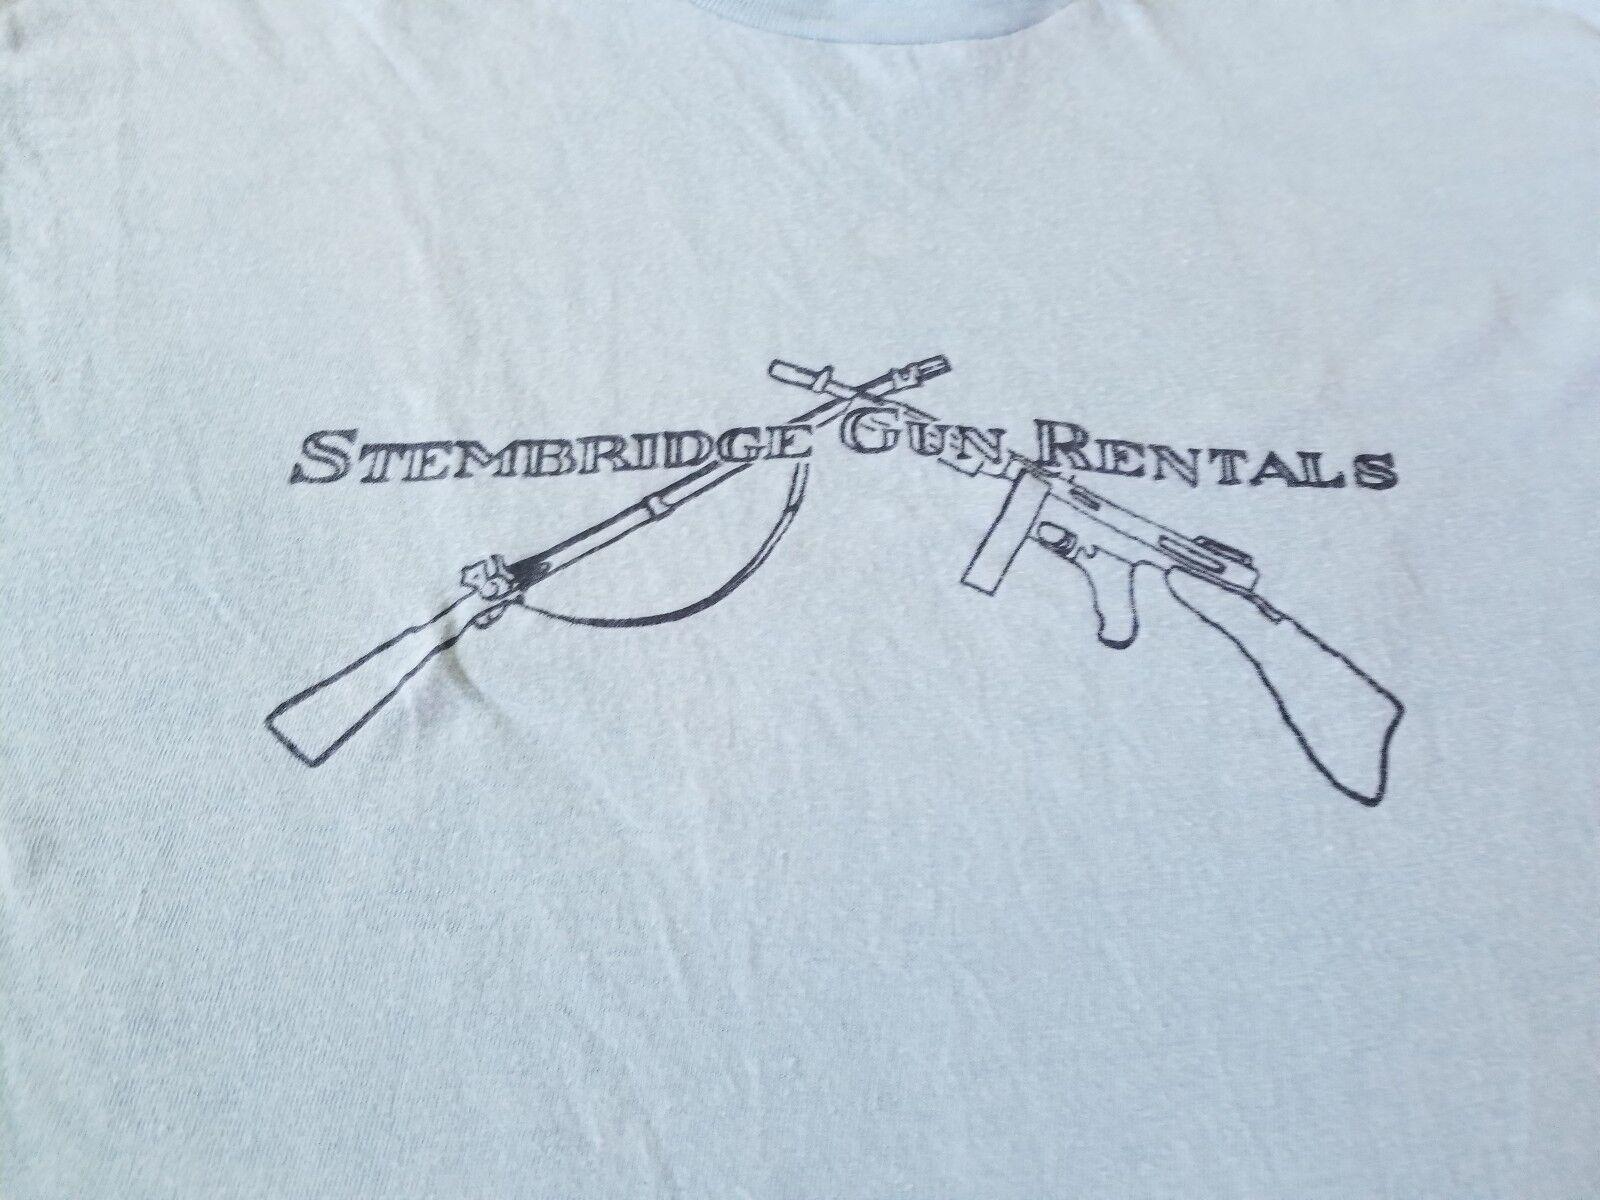 STEMBRIDGE GUN RENTALS VINTAGE 1978 TEE SHIRT CLEAN